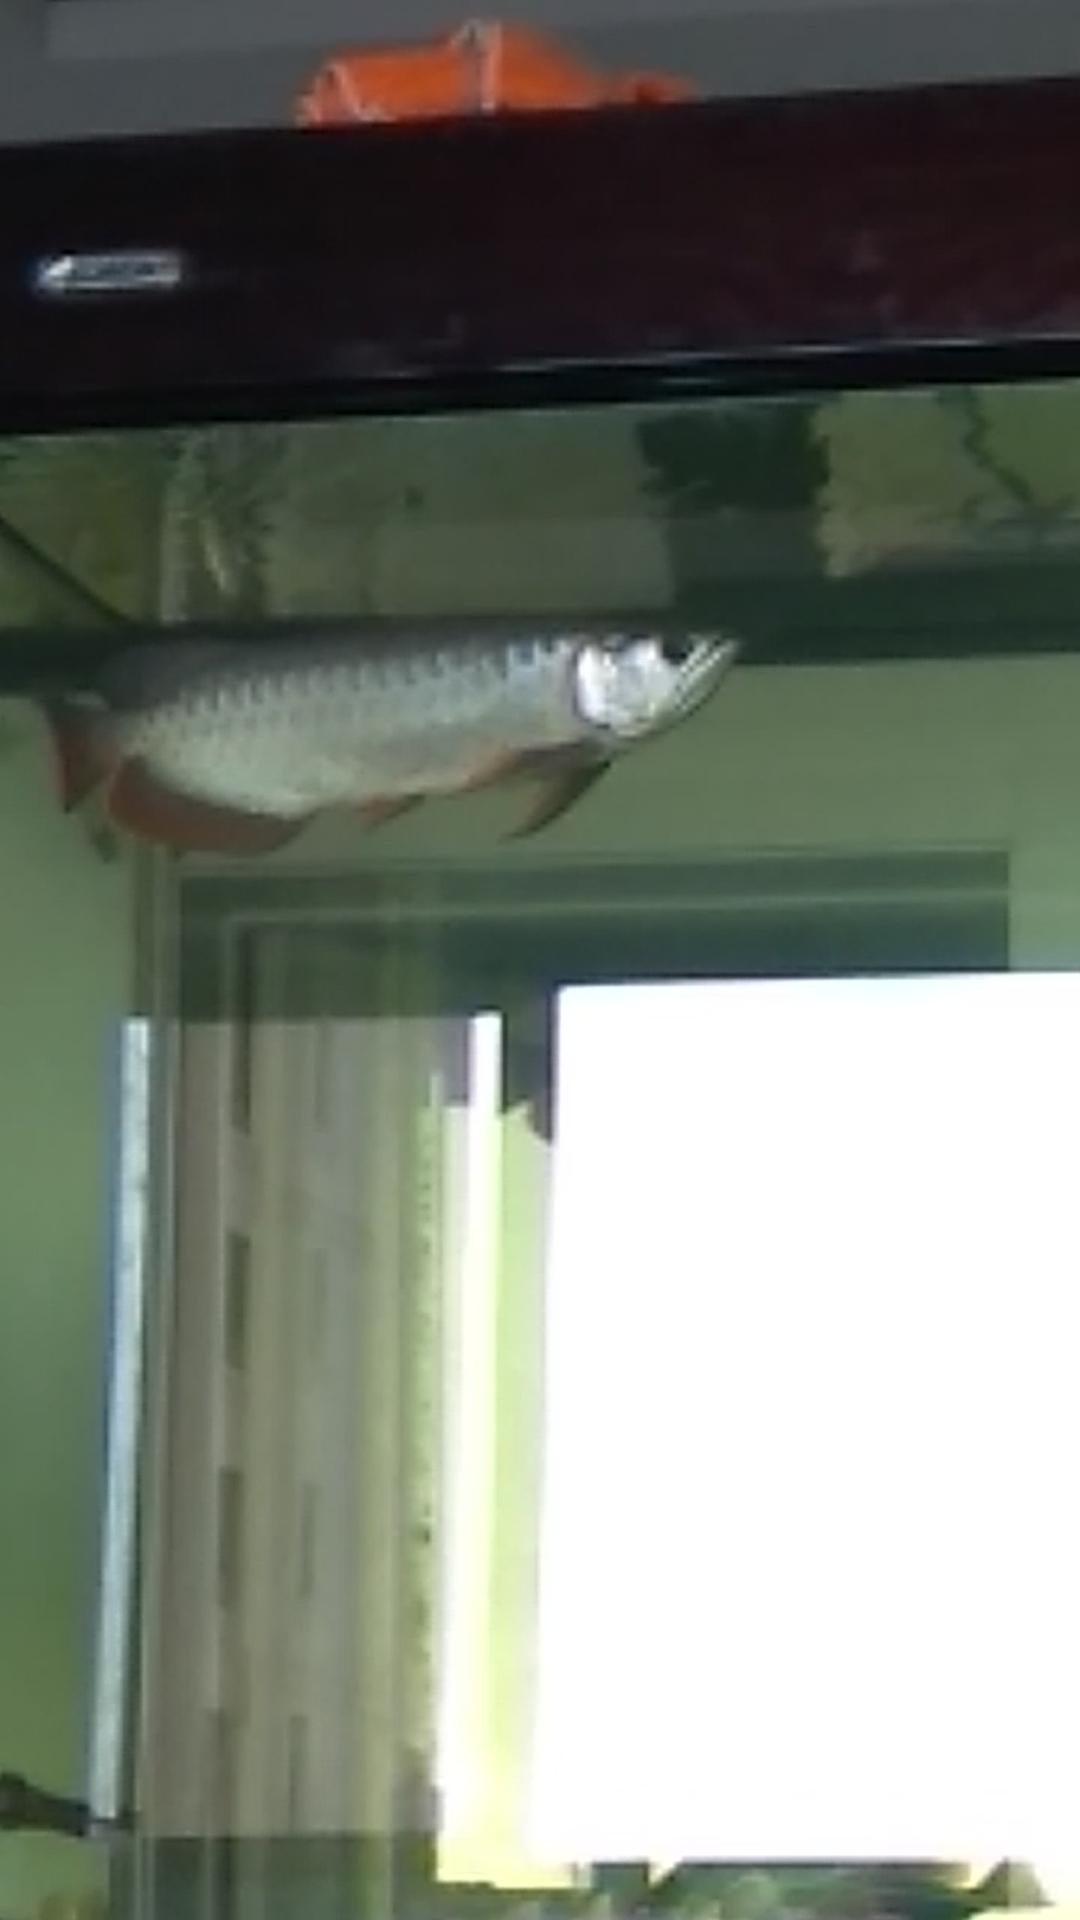 申请 光特亿智能wifi水泵6000一台 北京观赏鱼 北京龙鱼第1张